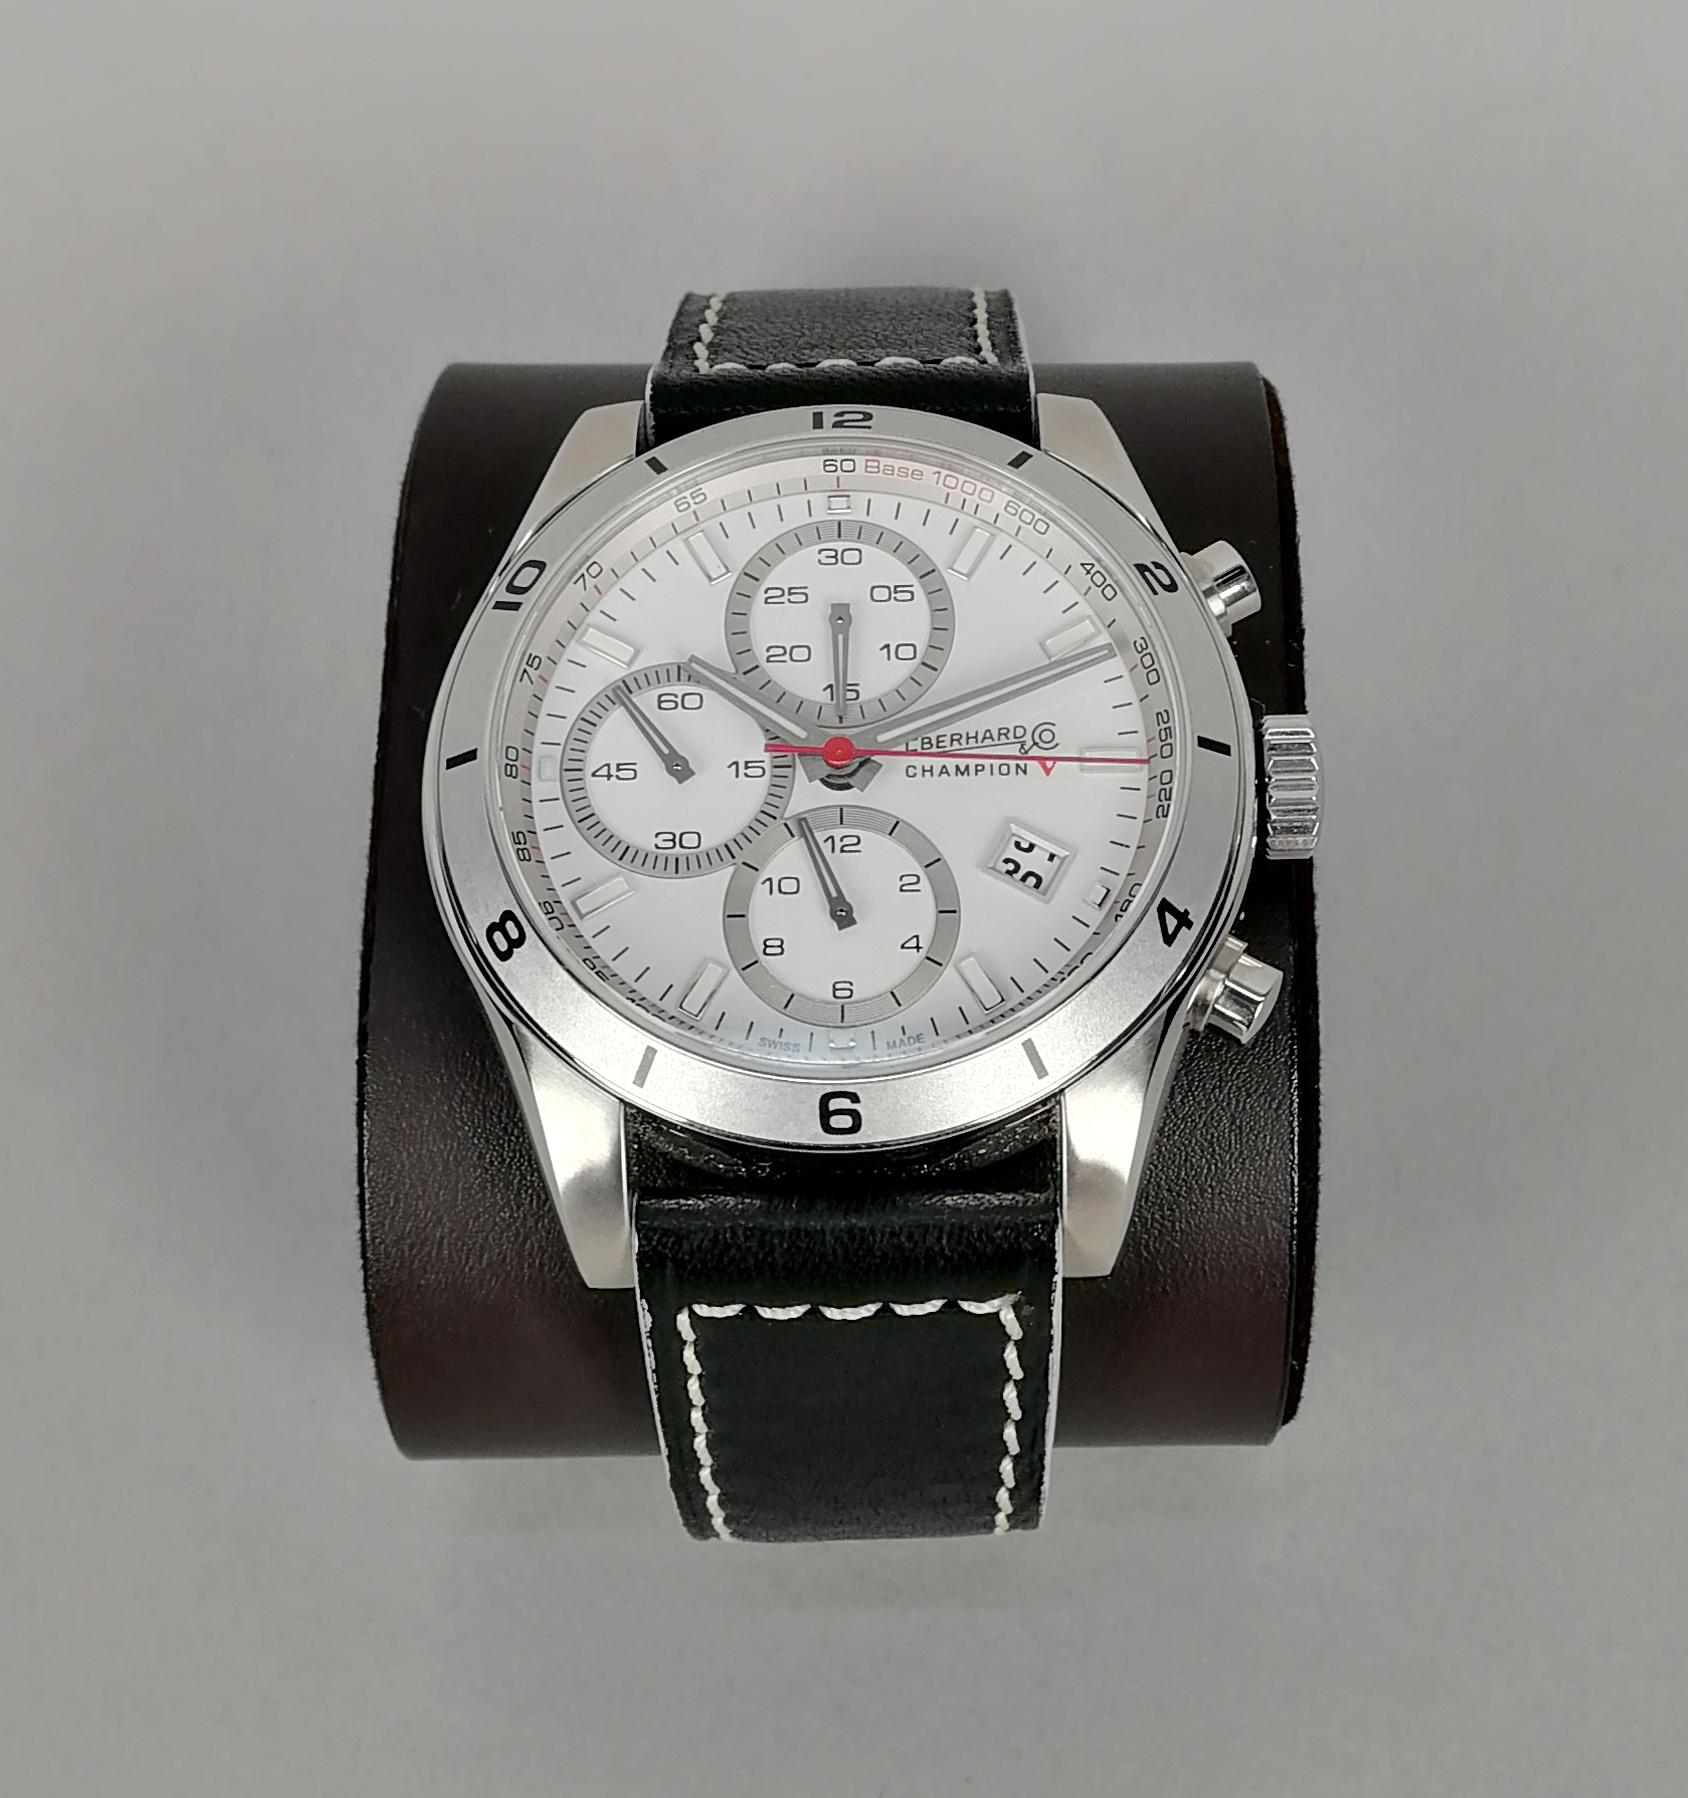 Lot 19 - EBERHARD. Orologio da uomo in acciaio, crono automatico, serie attuale, modello Champion V.